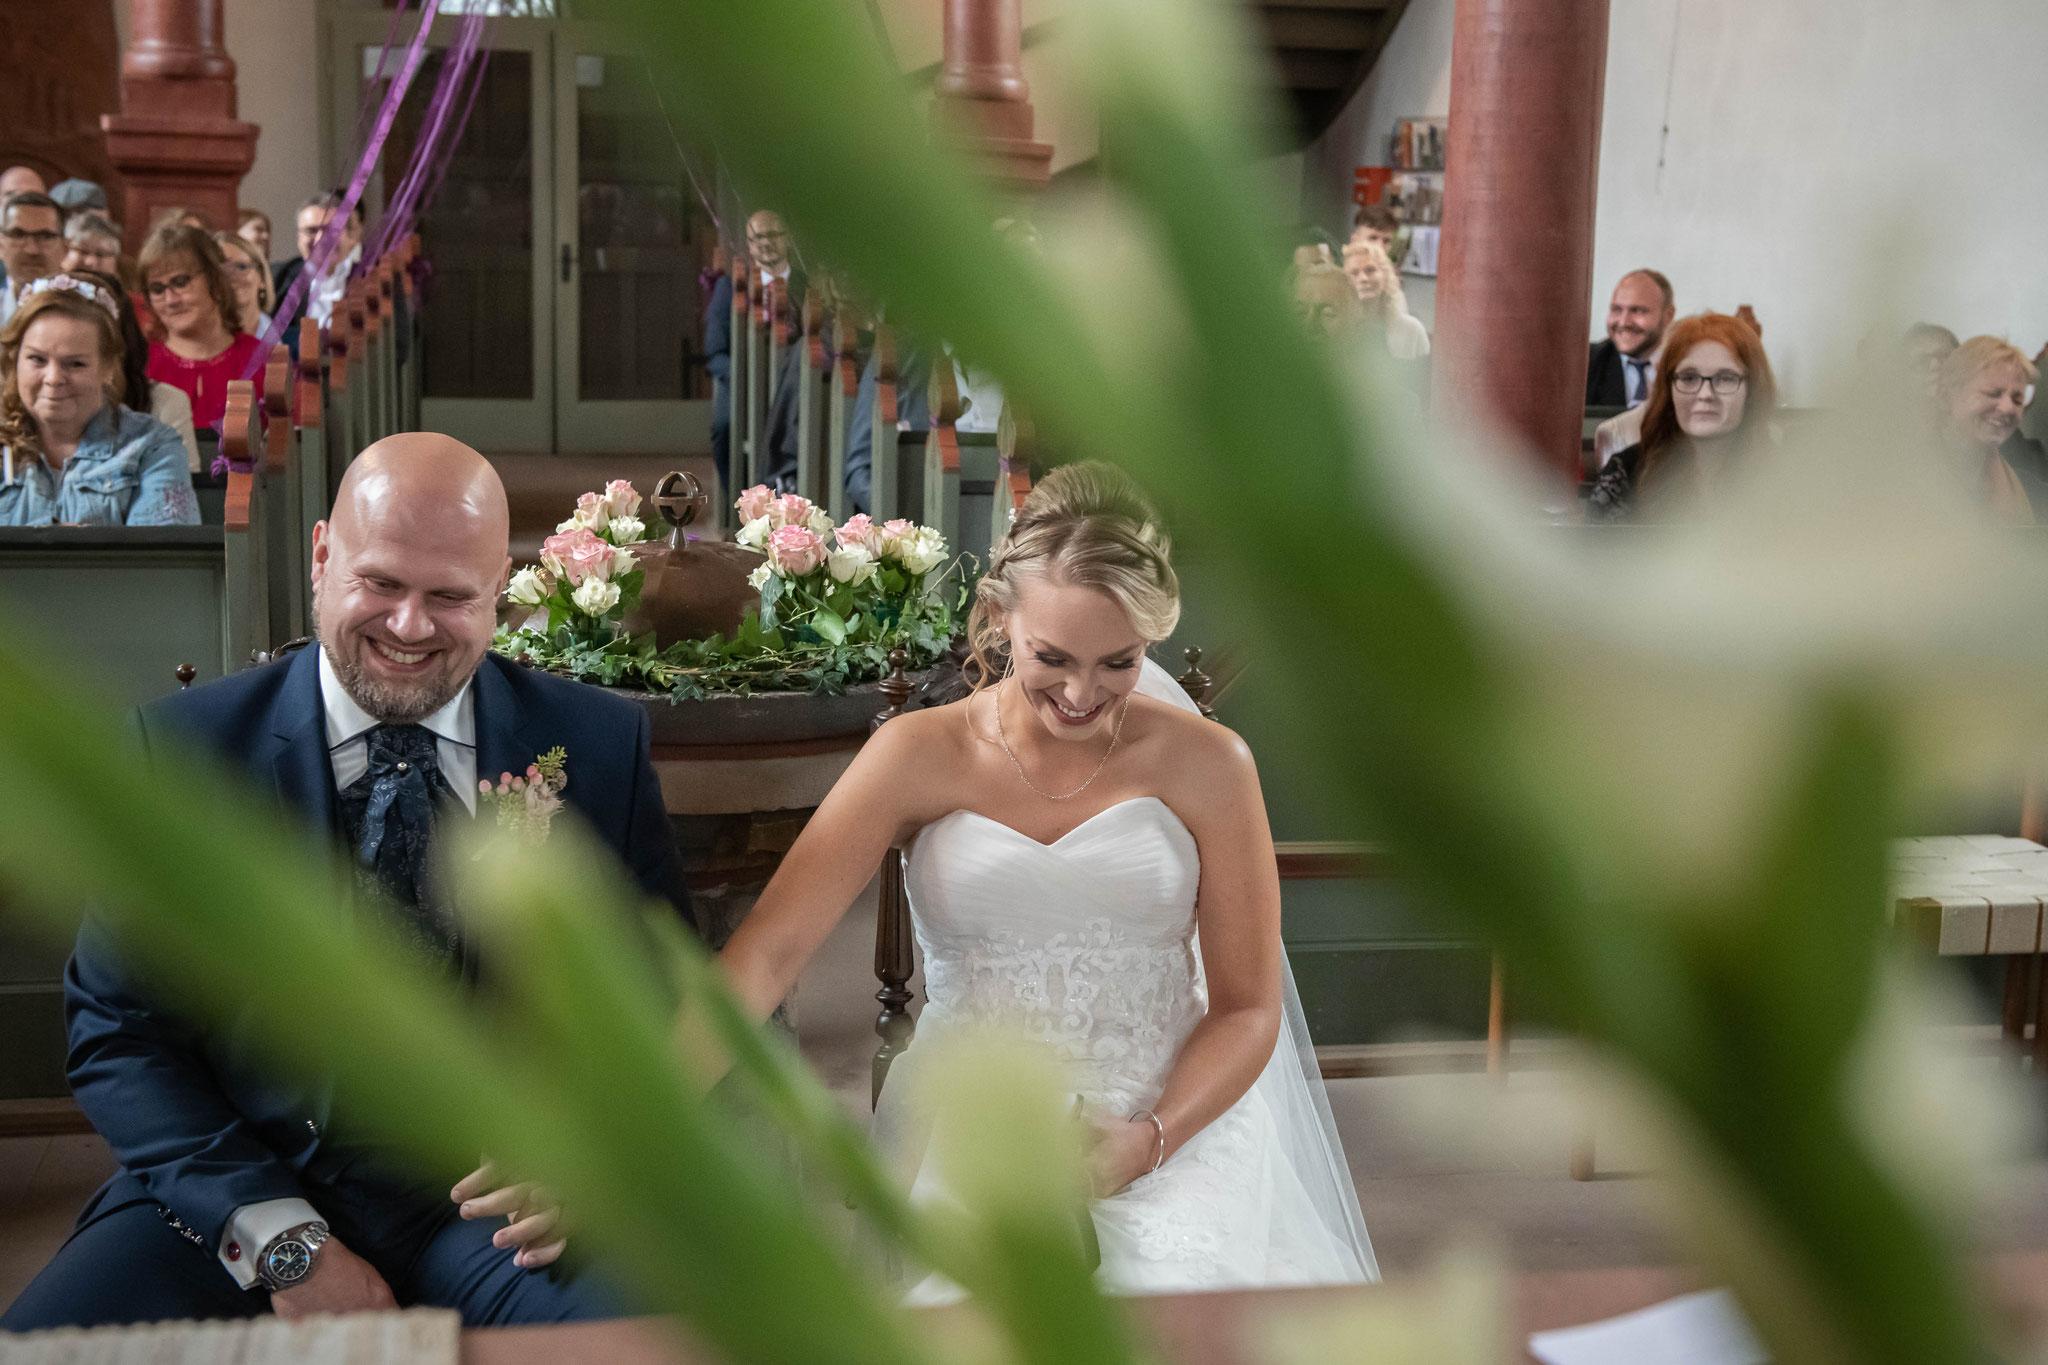 Das Brautpaar lacht über die lustigen Geschichten aus ihrem Leben